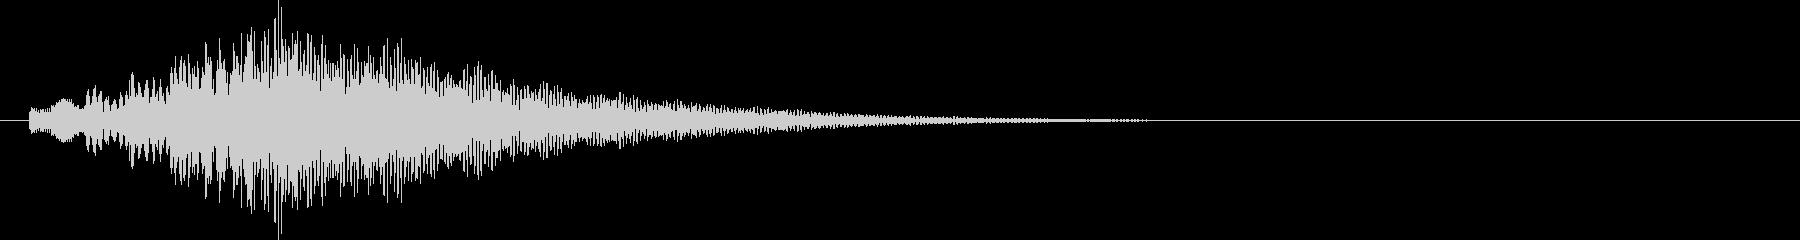 アラーム音11 ハープ(maj7)の未再生の波形